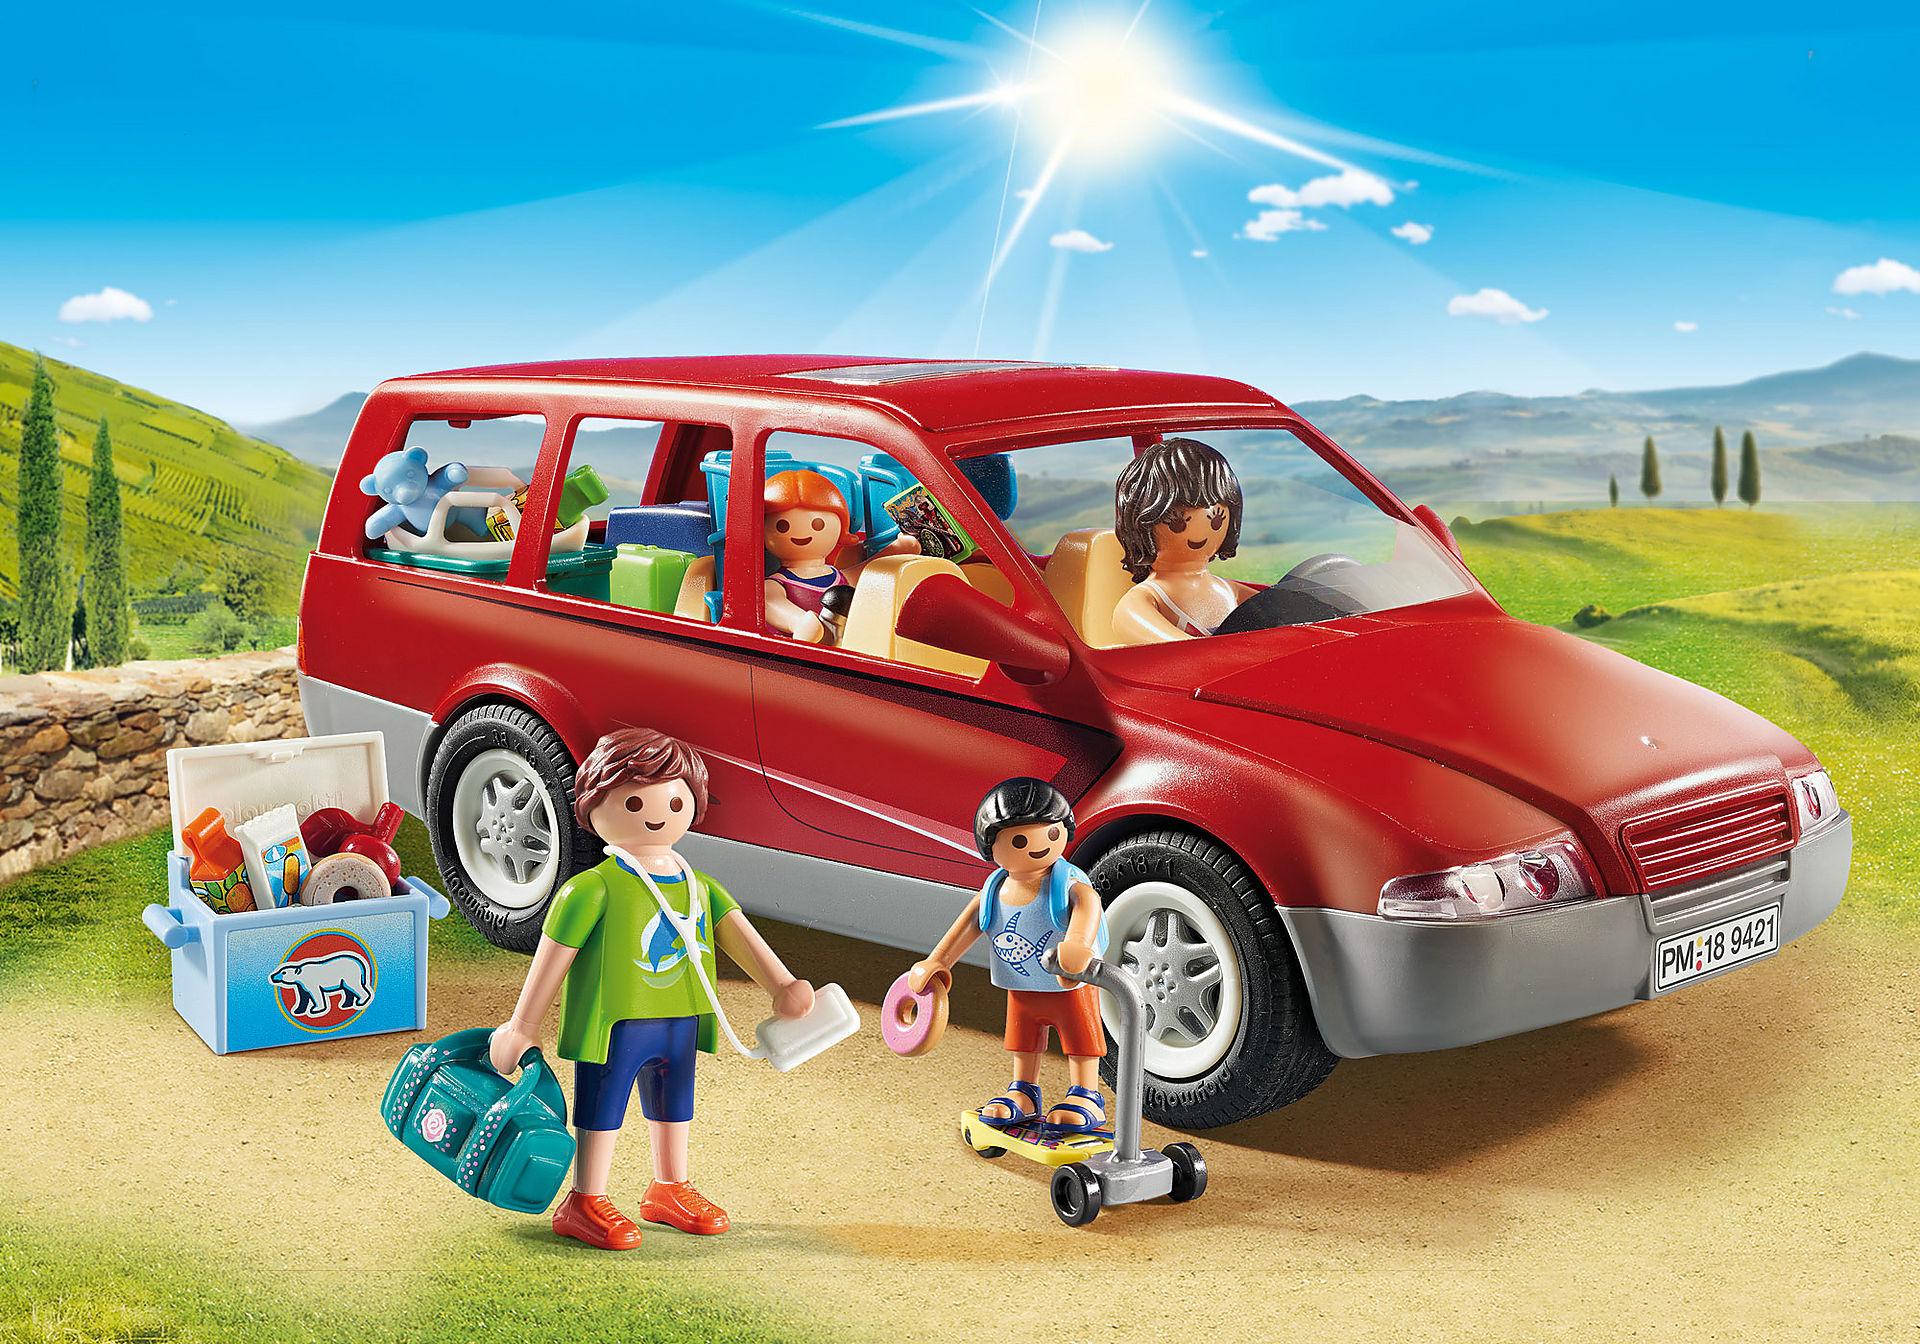 9421 Samochód rodzinny zoom image1